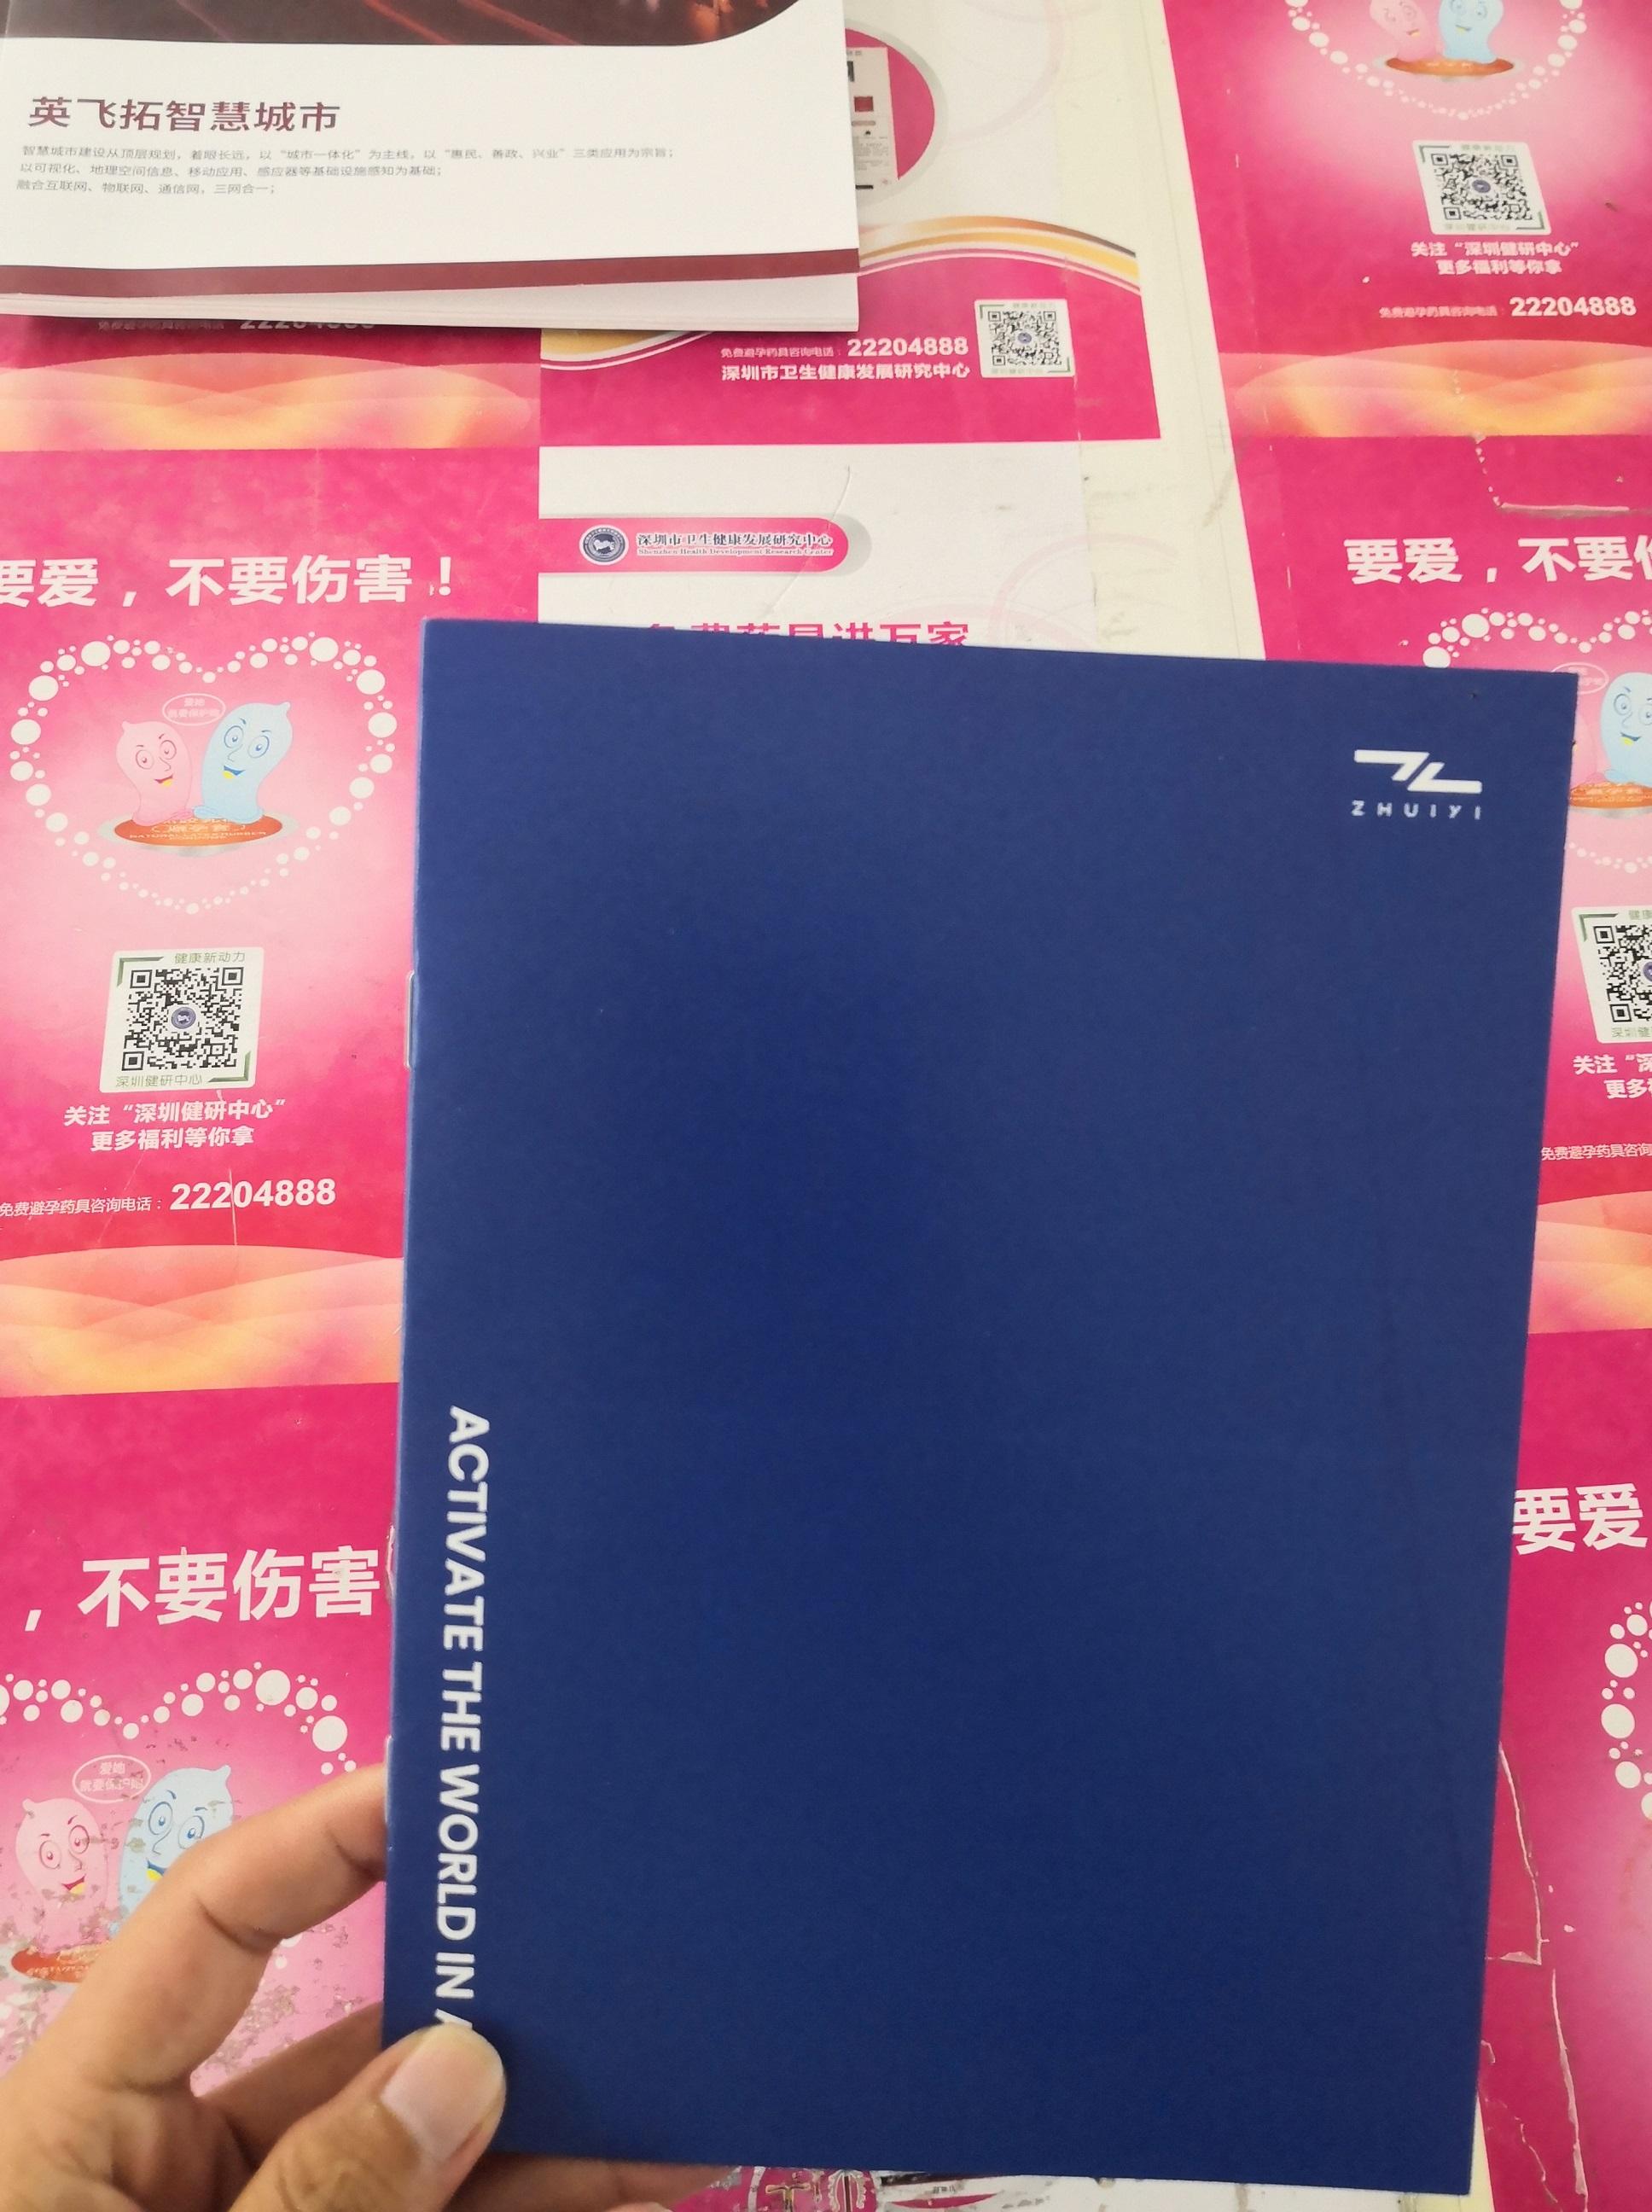 黑河图文画册印刷彩色图片册子印刷公司开年低价印刷走量